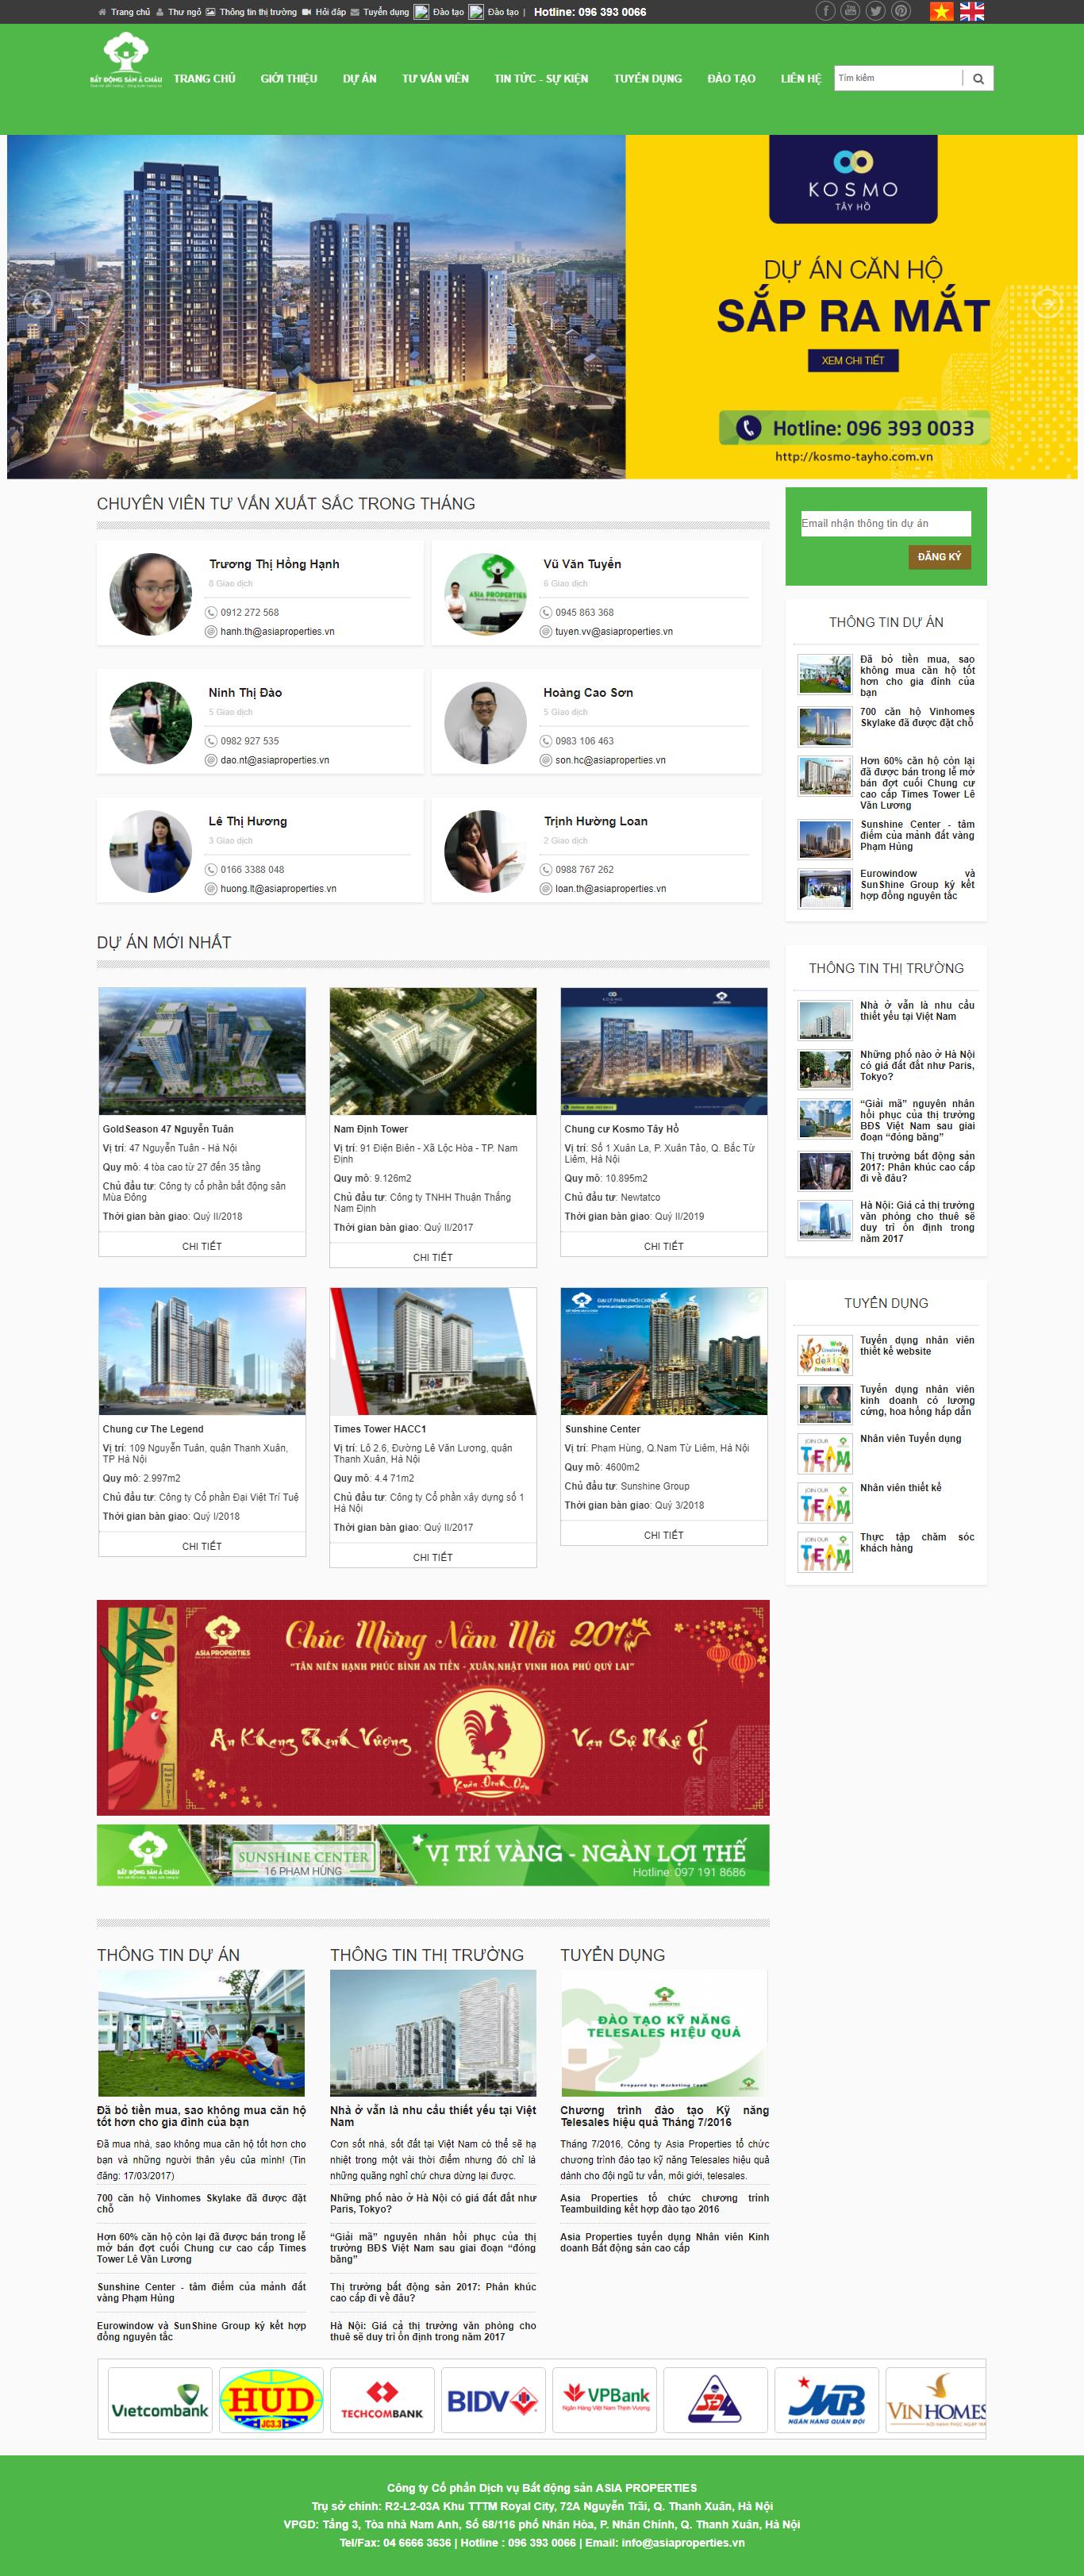 Giao diện website Bất động sản Z - 310